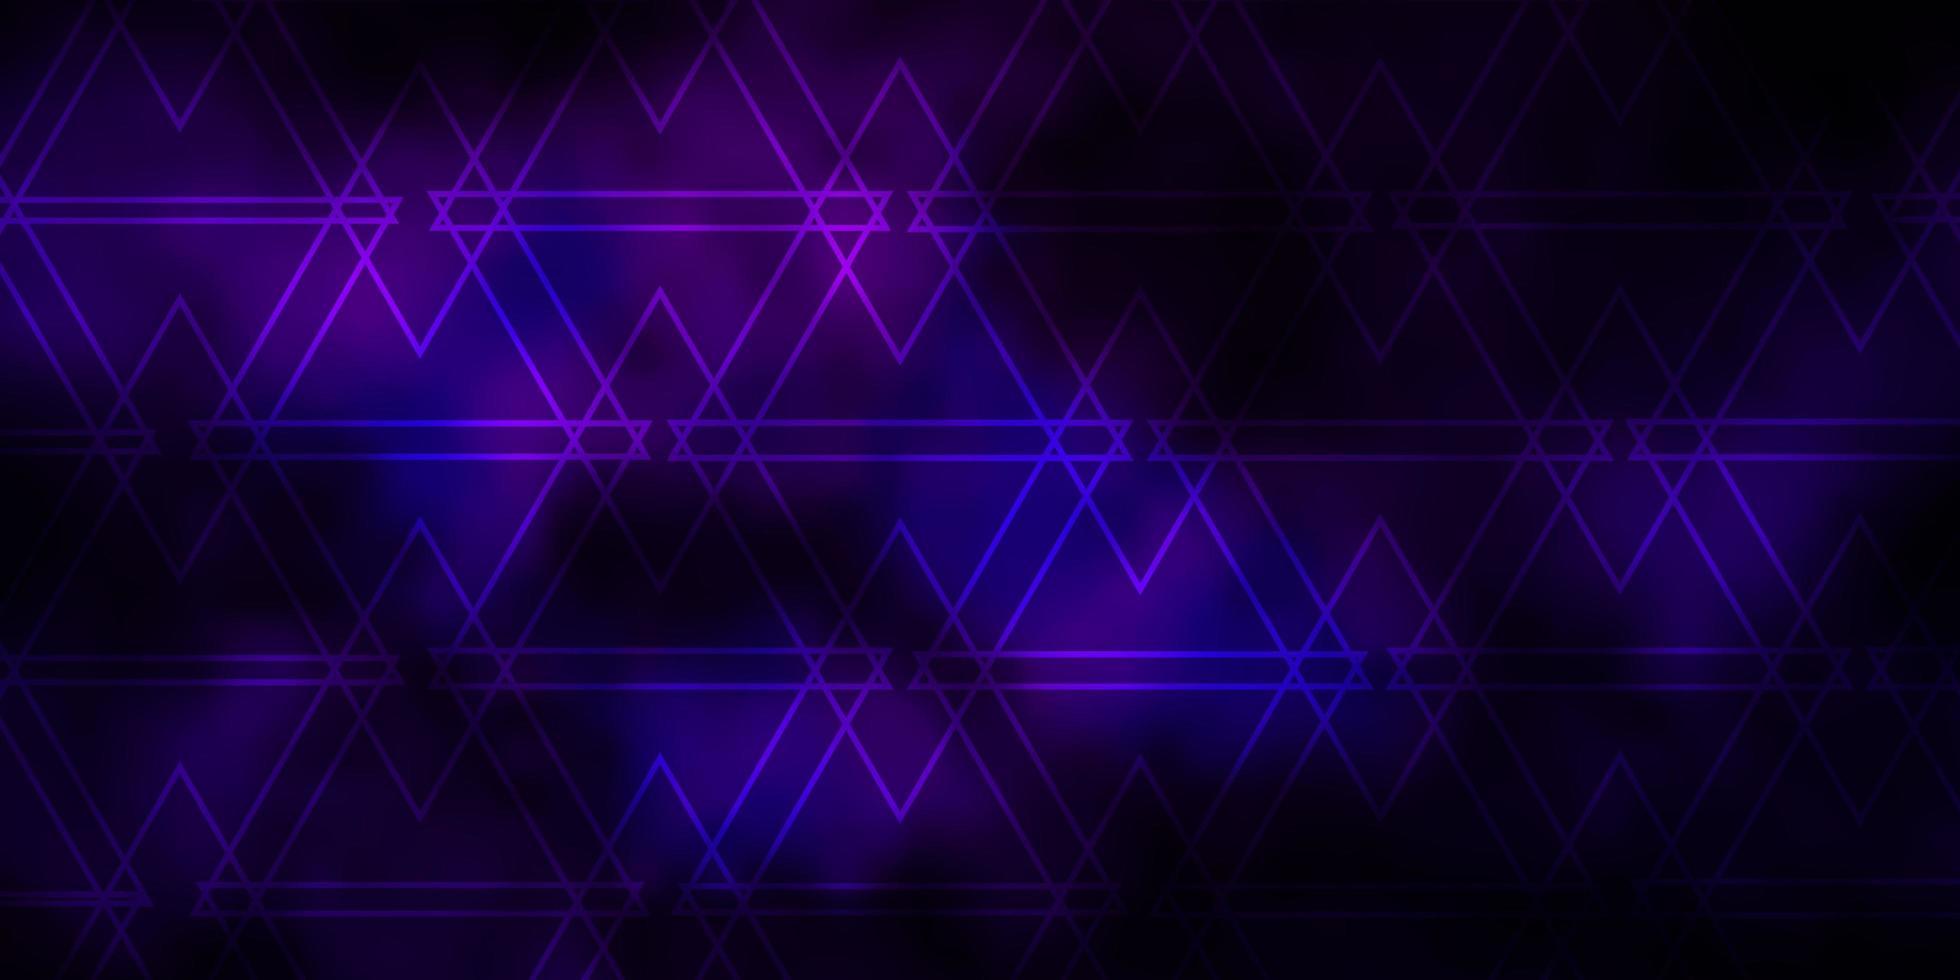 mörkrosa vektormönster med linjer, trianglar. vektor